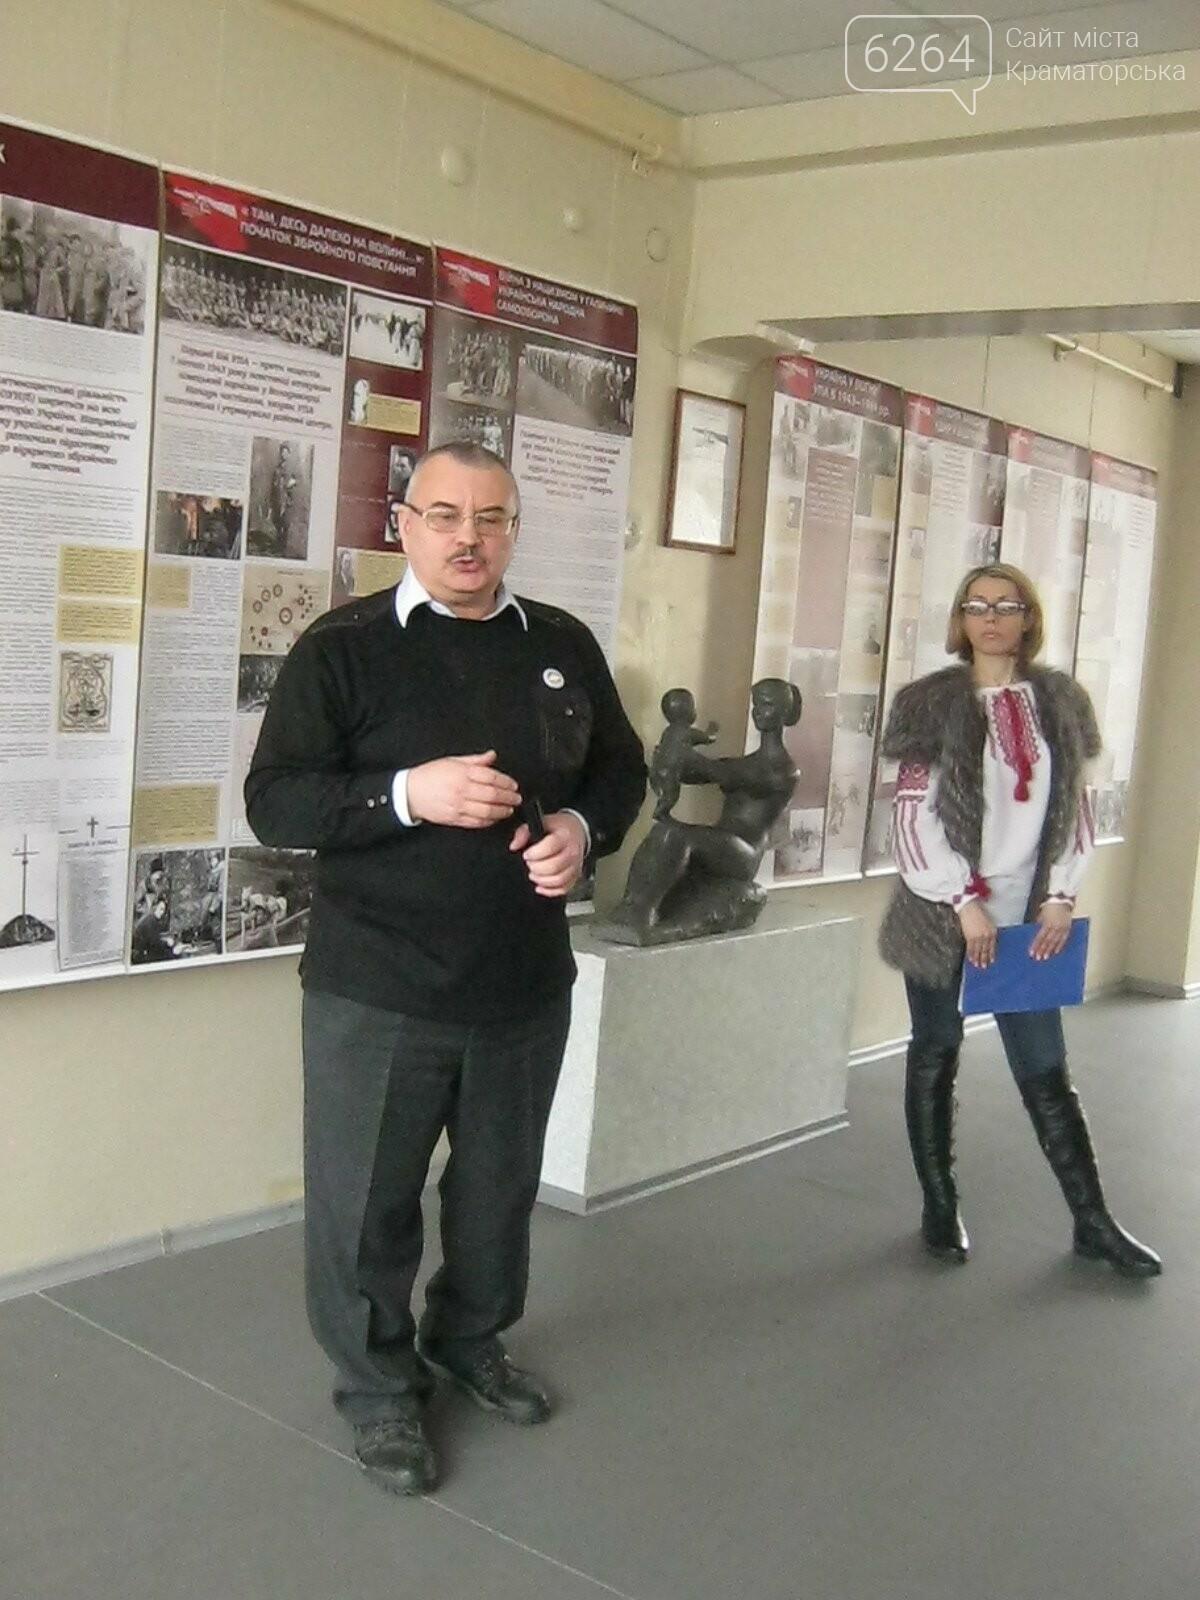 В Краматорске открылась выставка к 75-летию УПА, фото-2